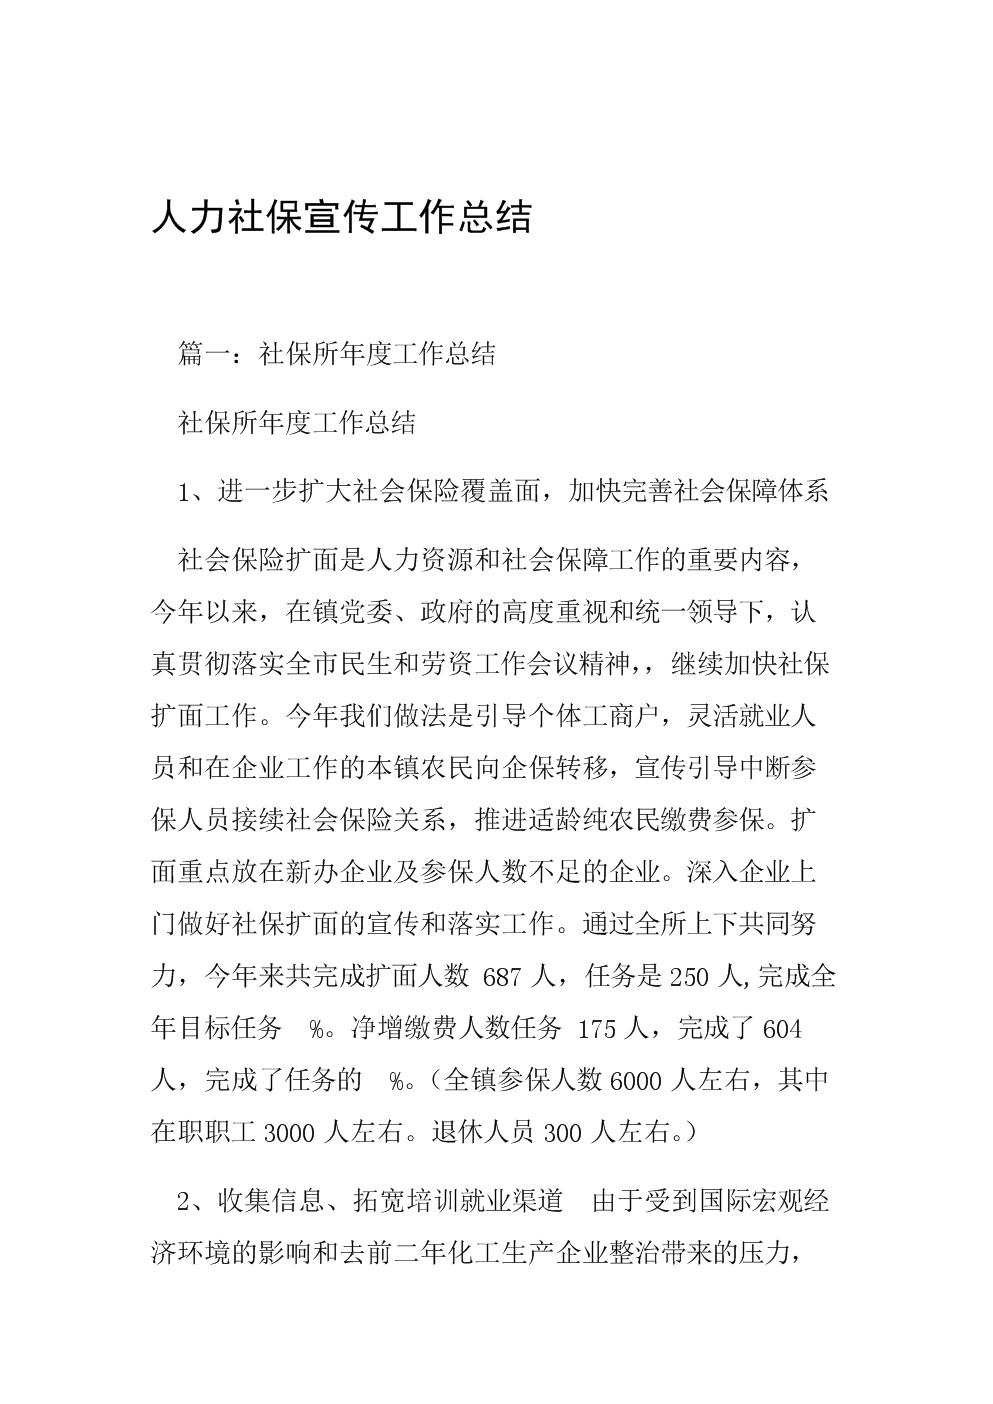 人力社保宣传工作总结.doc